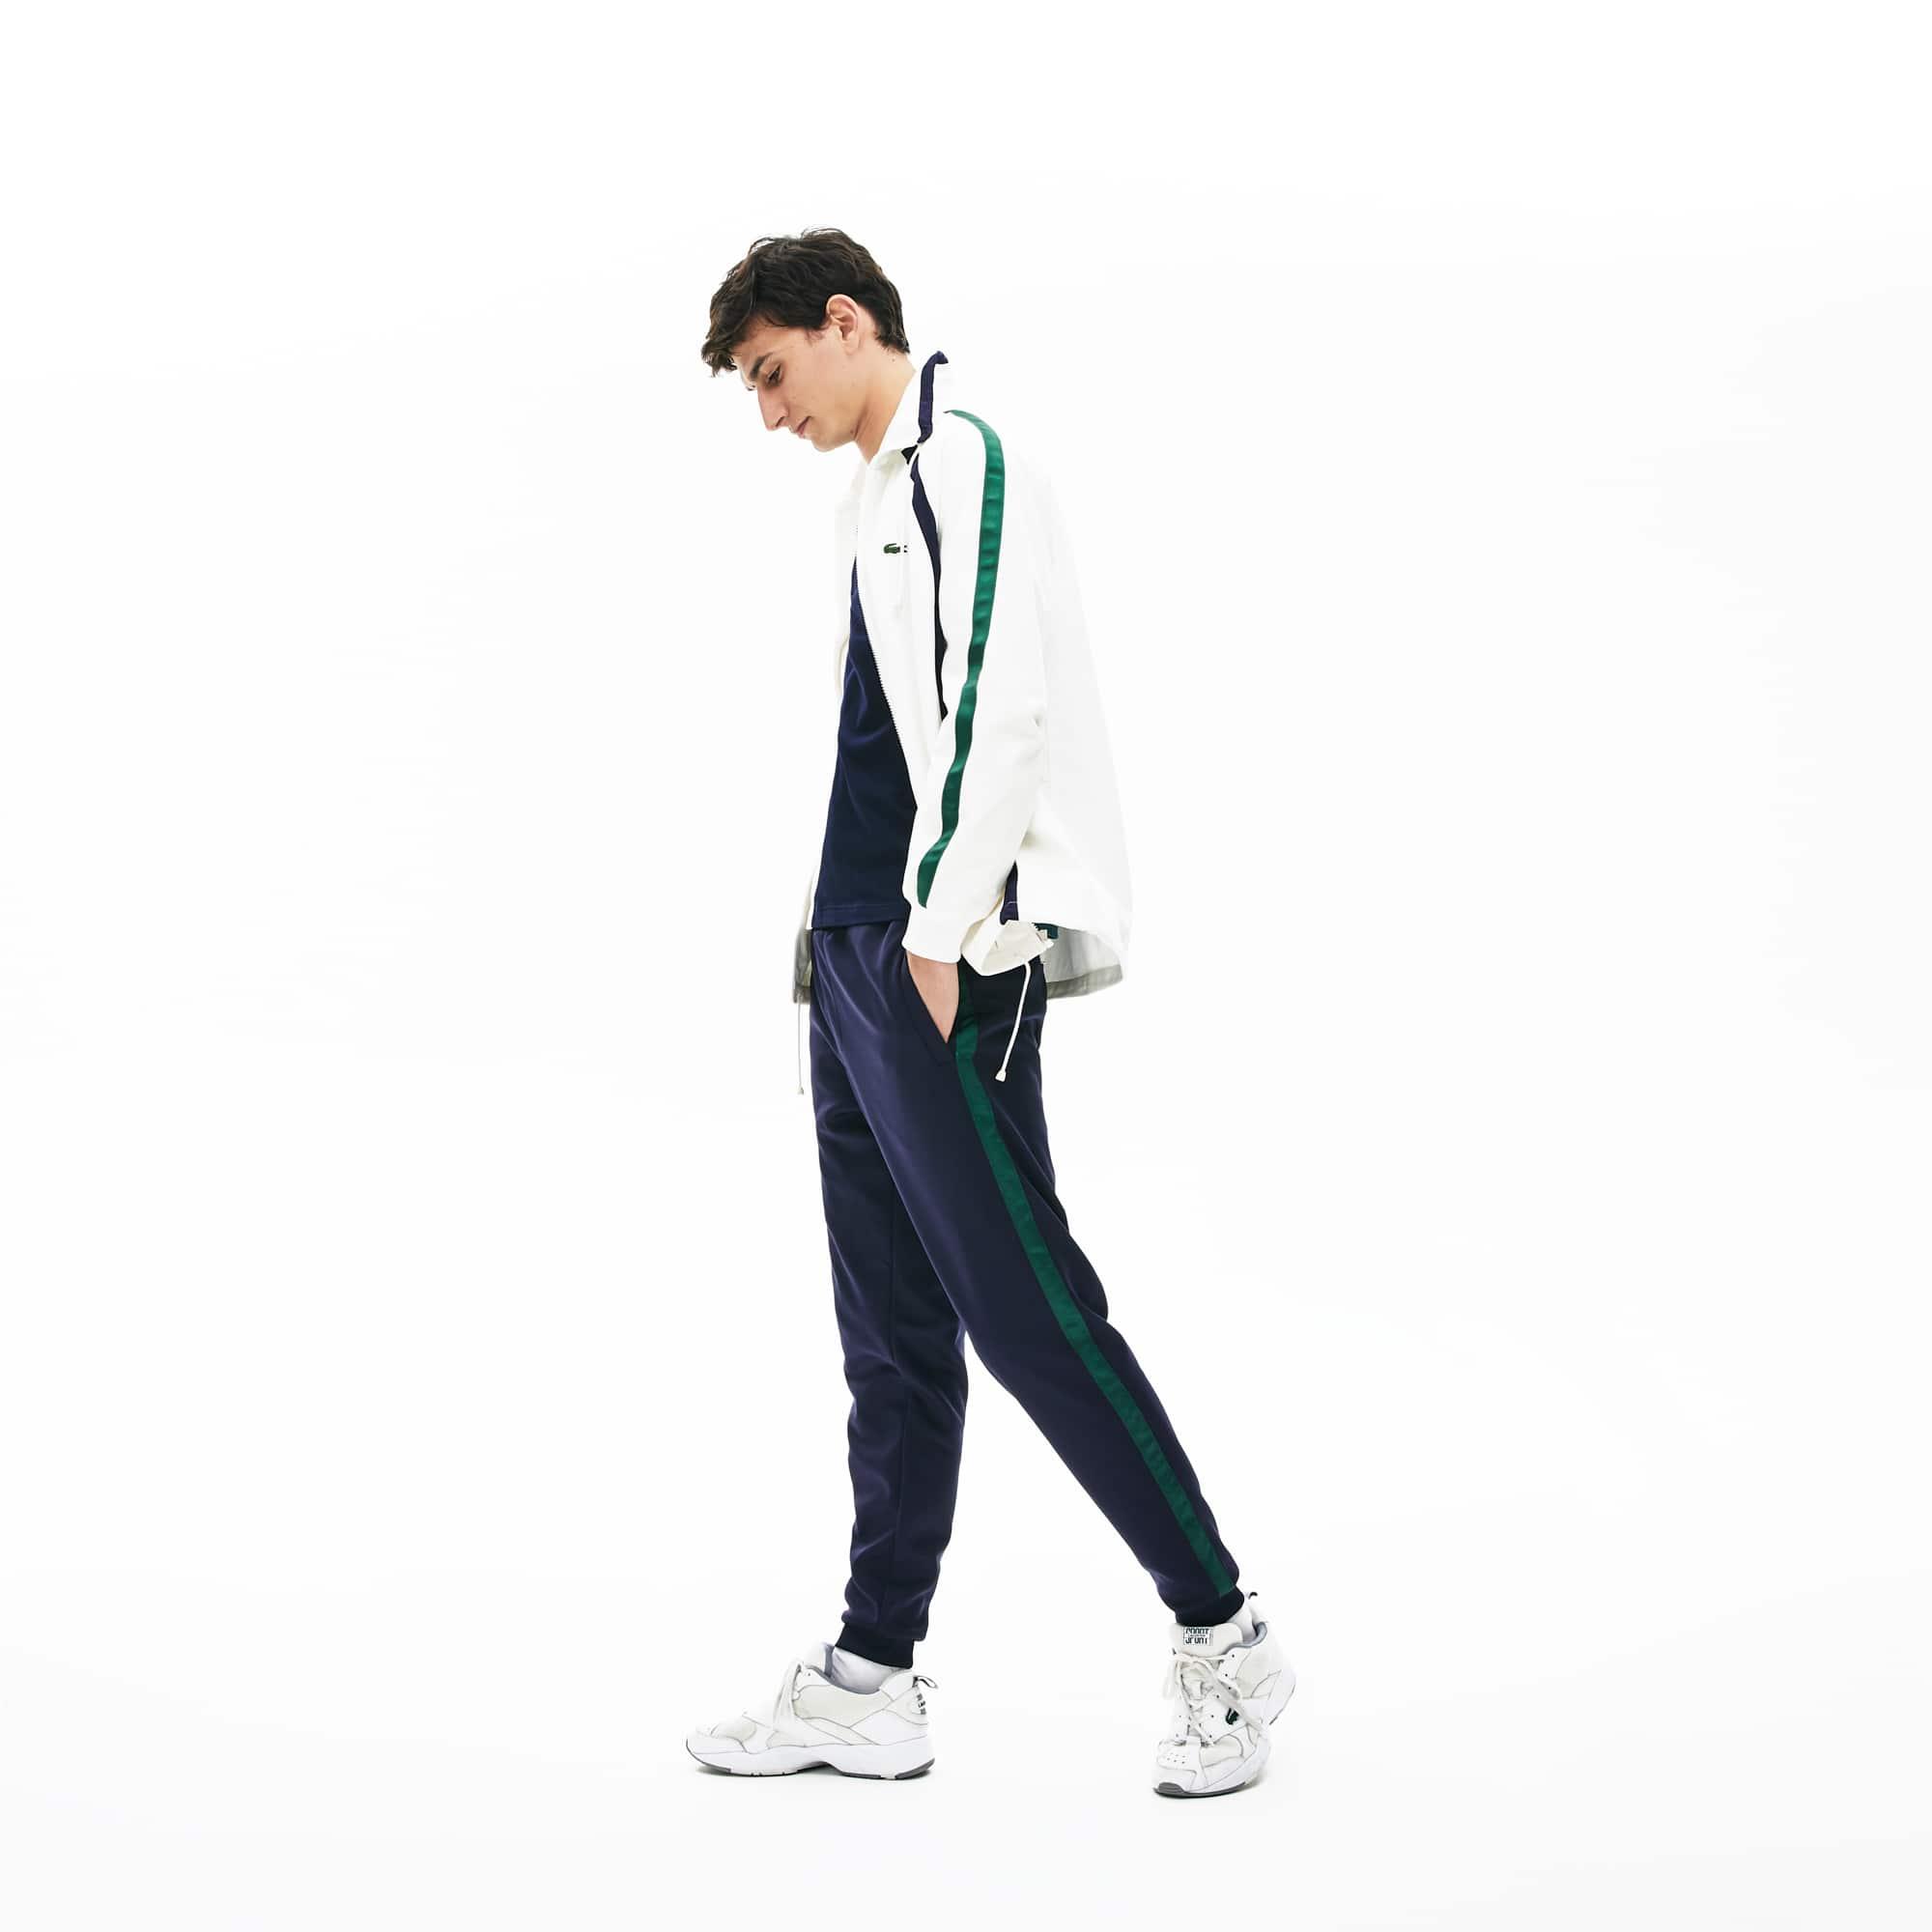 라코스테 컬러블록 트랙 팬츠 Lacoste Men's Colorblock Heritage Stripe Track Pants,Navy Blue / Green - M35